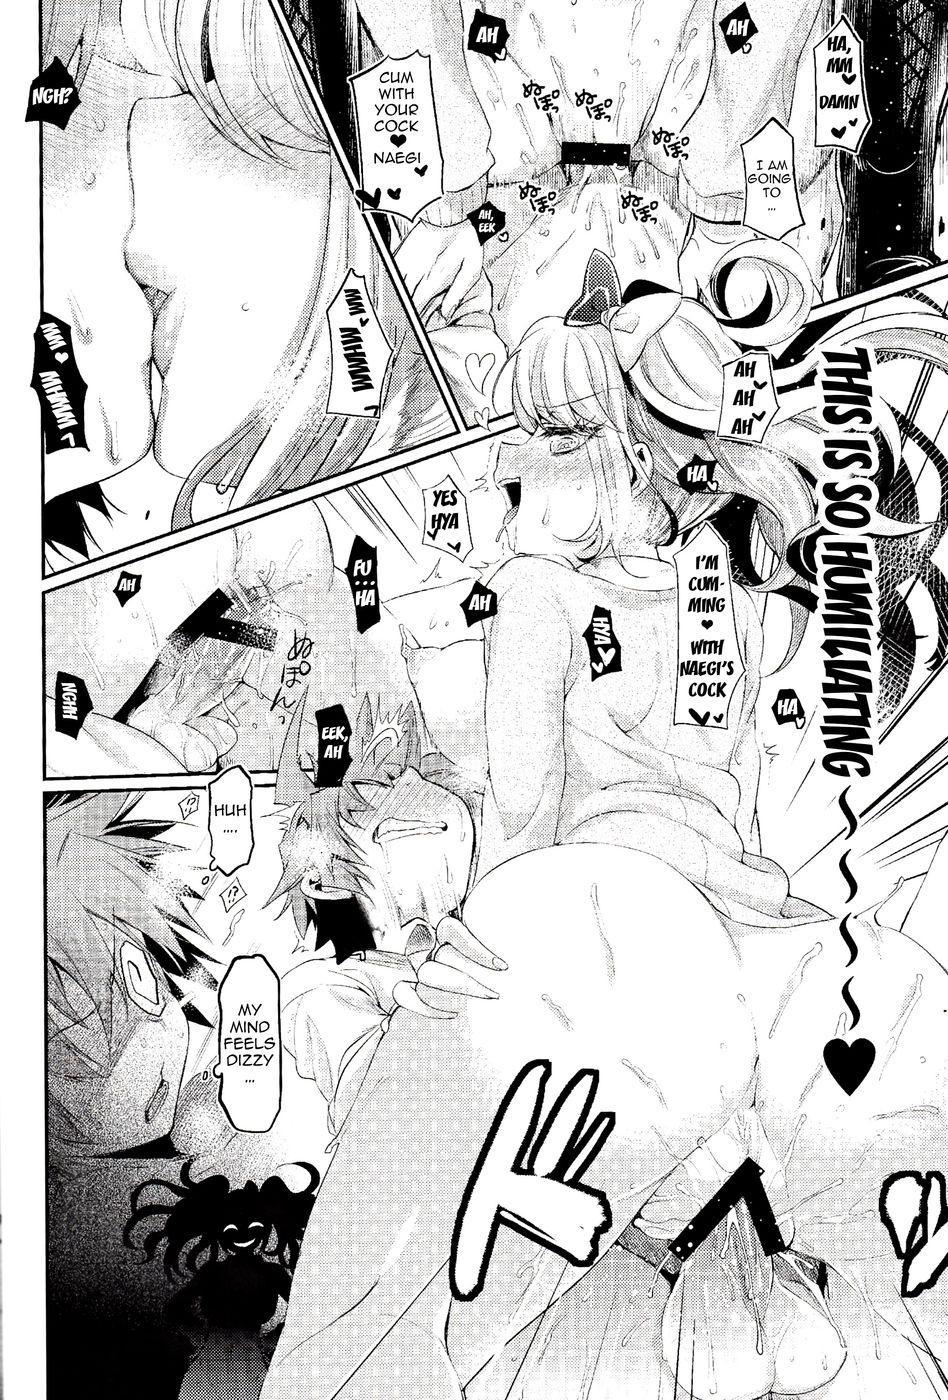 Zetsubou☆Locker Room ~Zetsubou☆Rocker Room~ 22